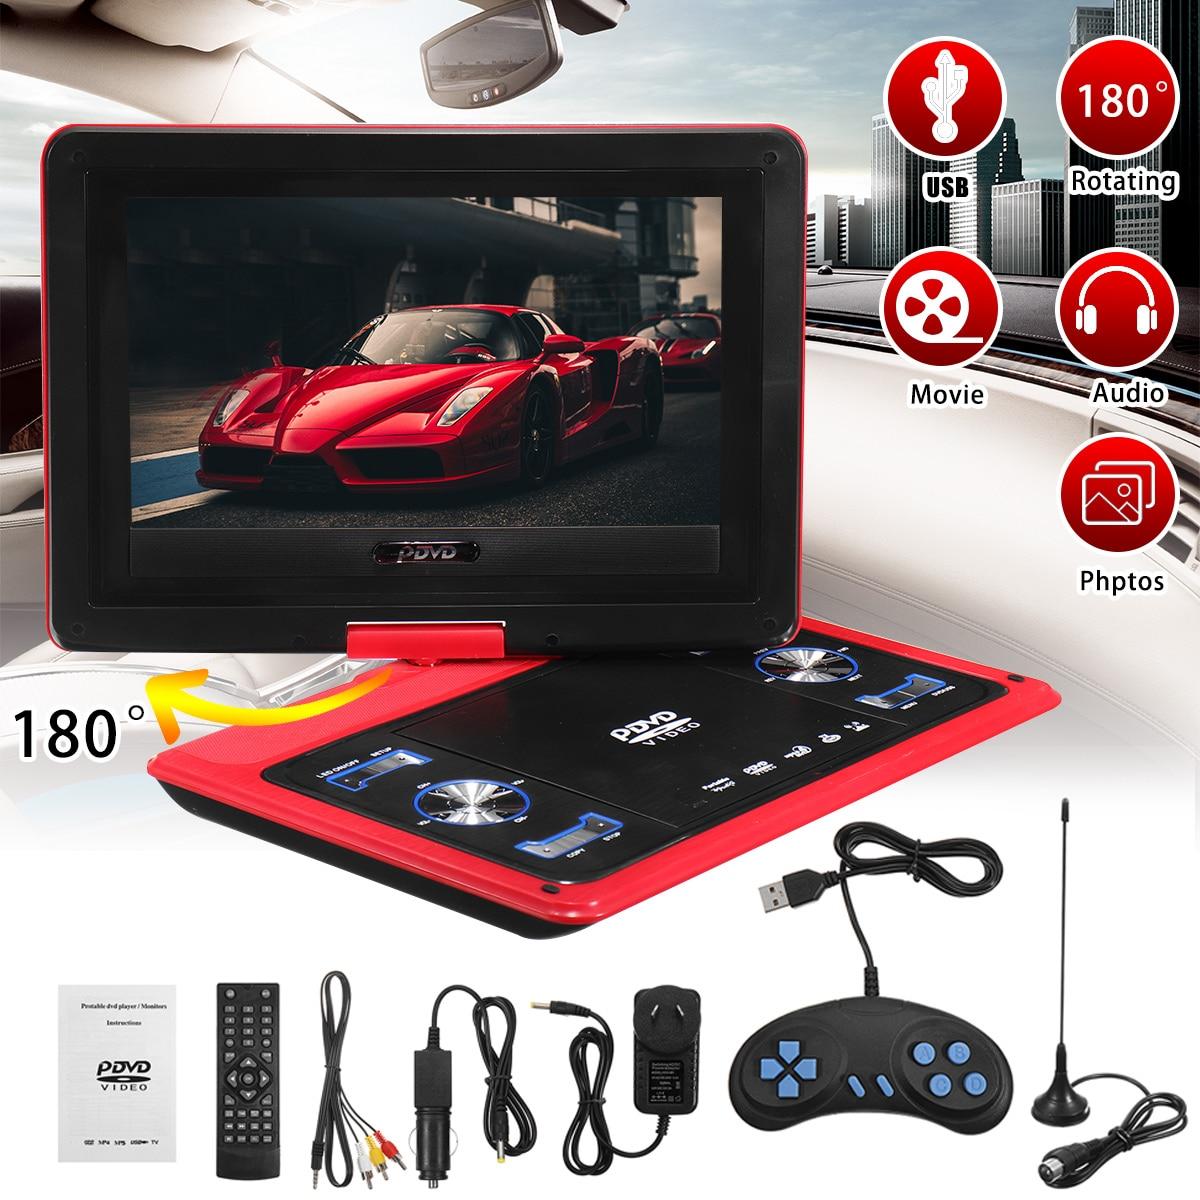 9 pcs 13.8 pouce Portable DVD Player Rotation Numérique Multimédia Lecteur USB TV Fonction de Support De Jeu pour La Maison De Voiture Audio système